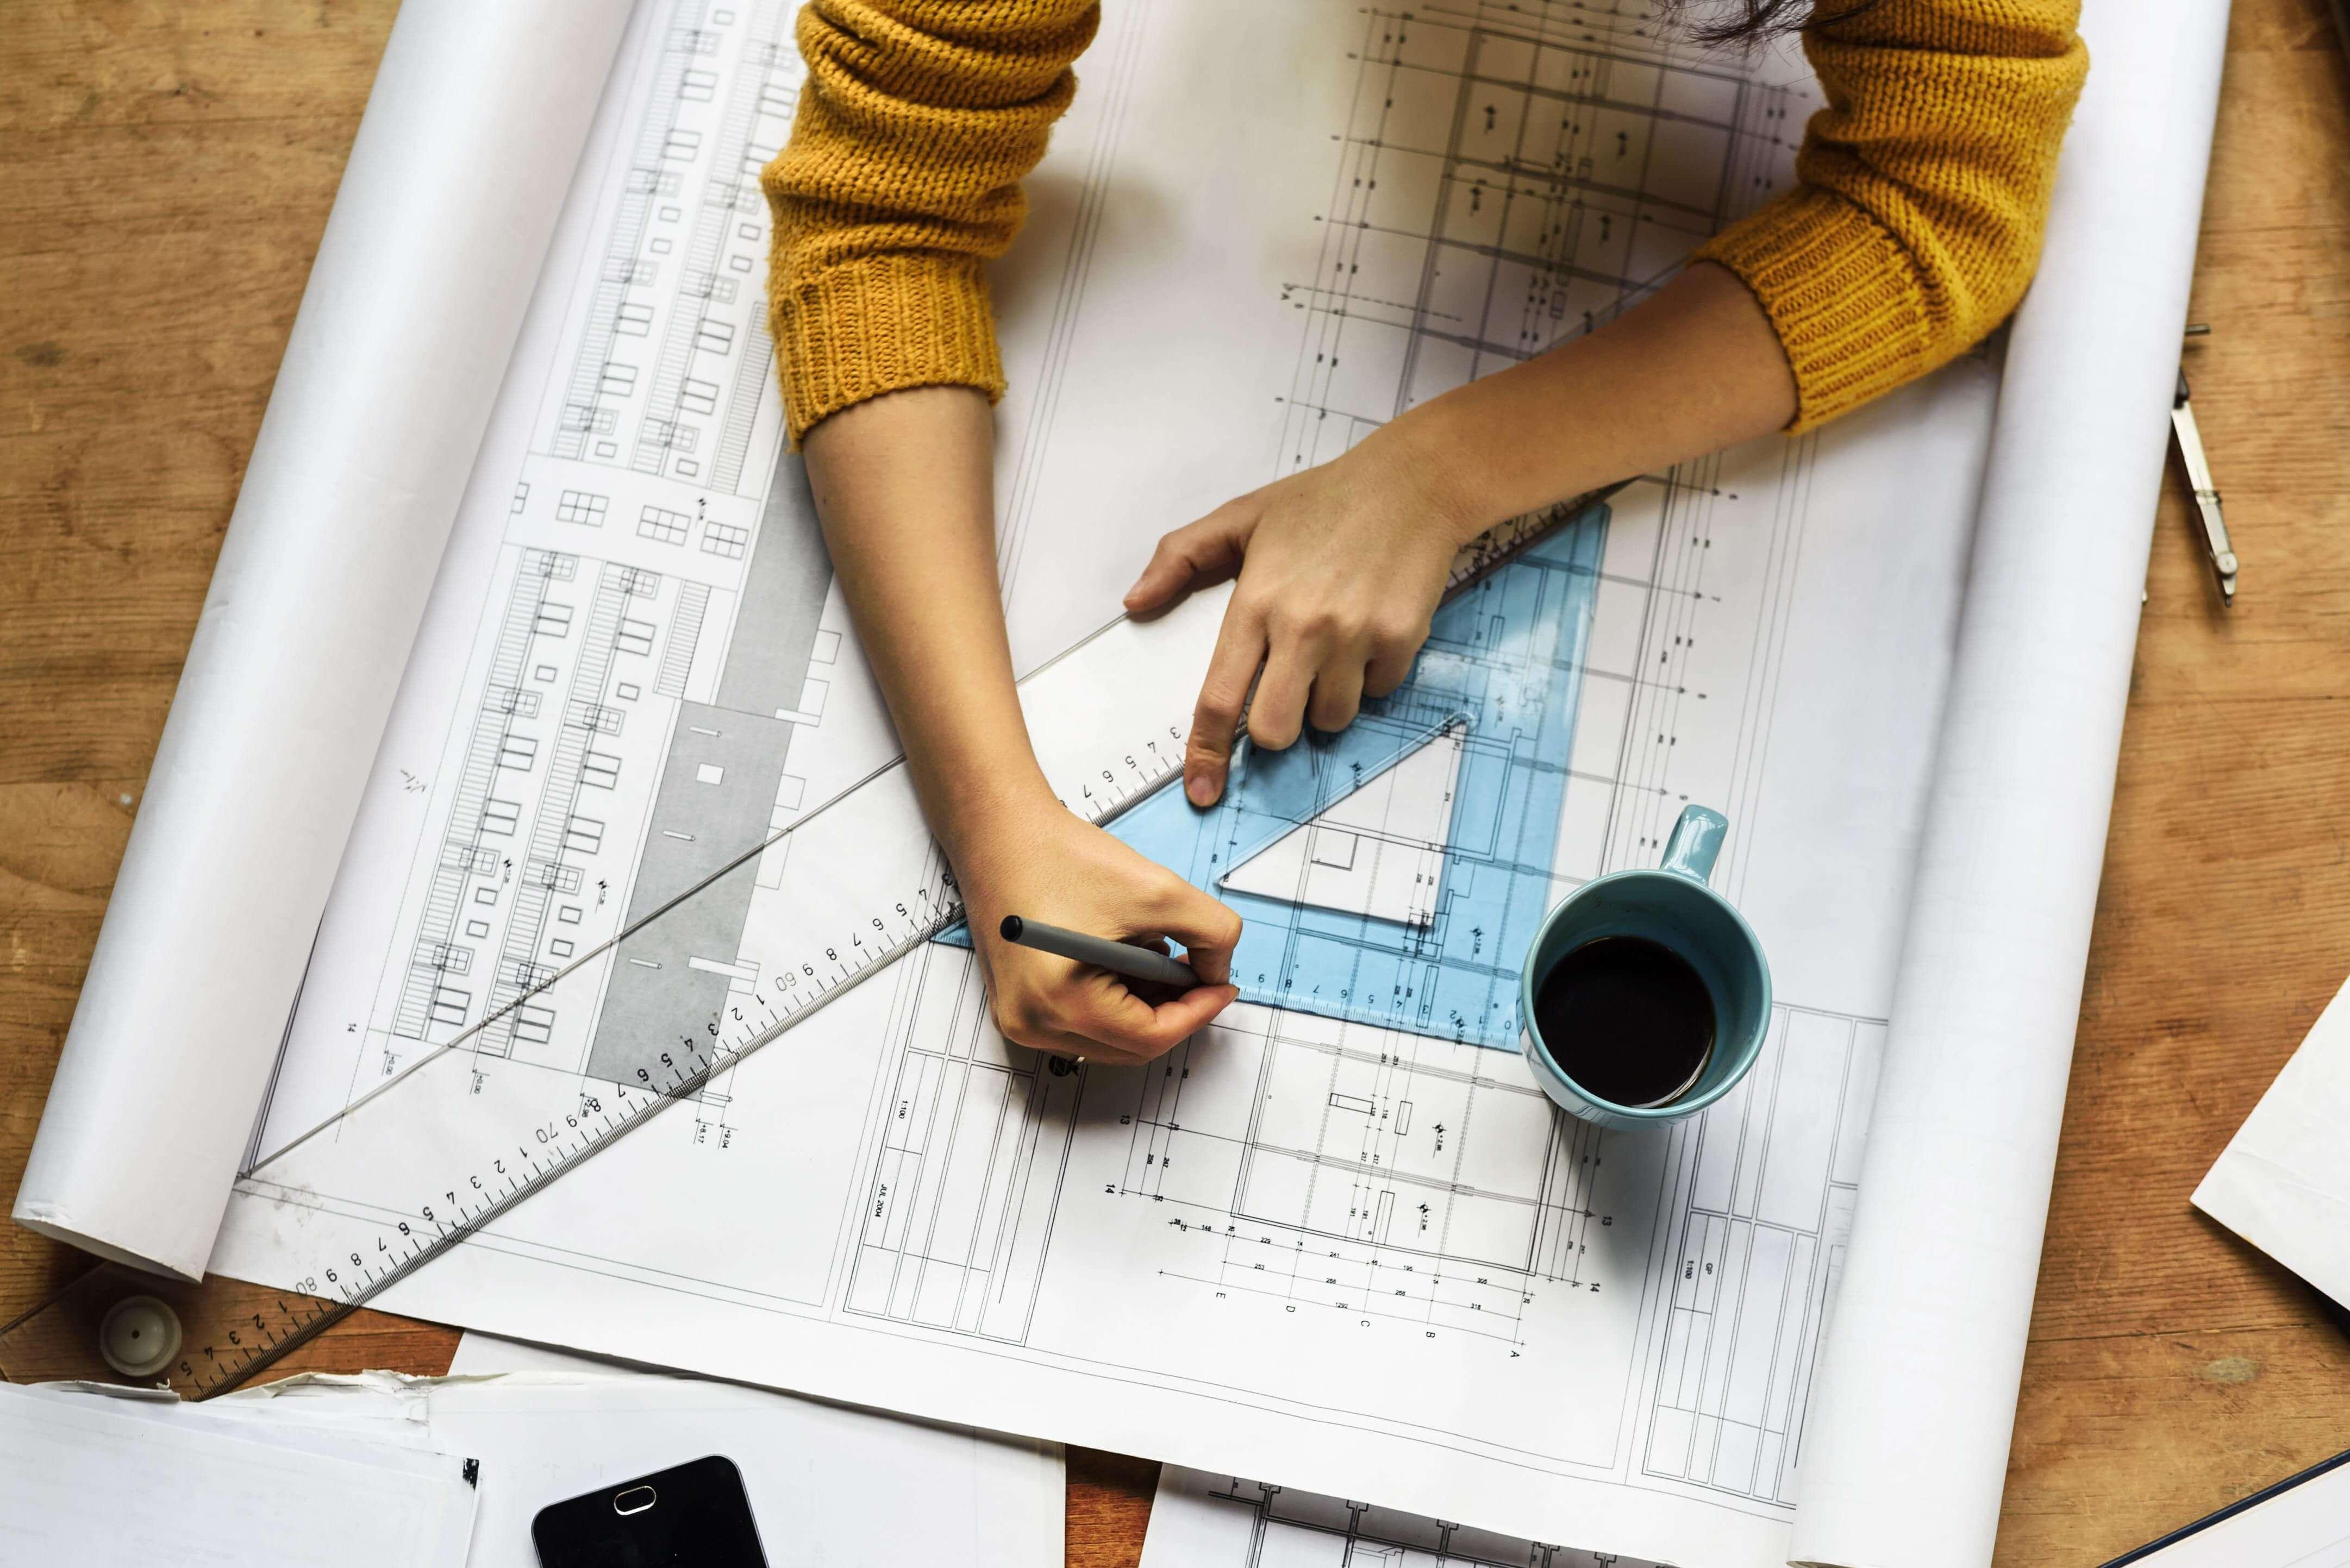 Картинки для проектировщиков